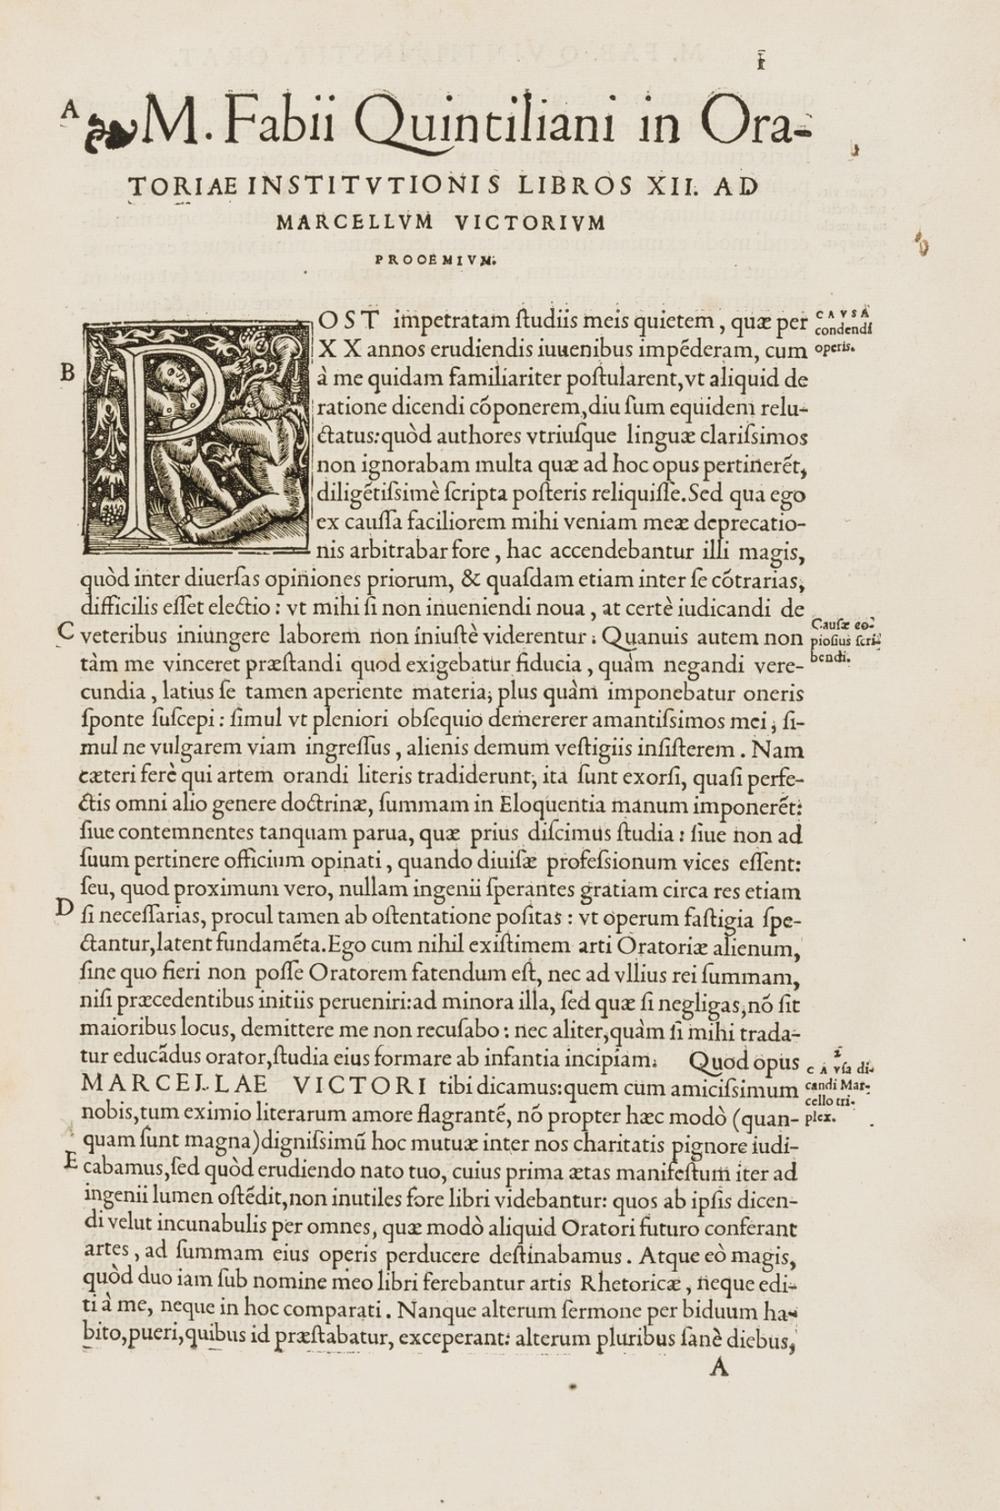 Quintilianus (Marcus Fabius) Institutionum oratoriarum libri XII, Paris, Ambroise Girault, 1541.